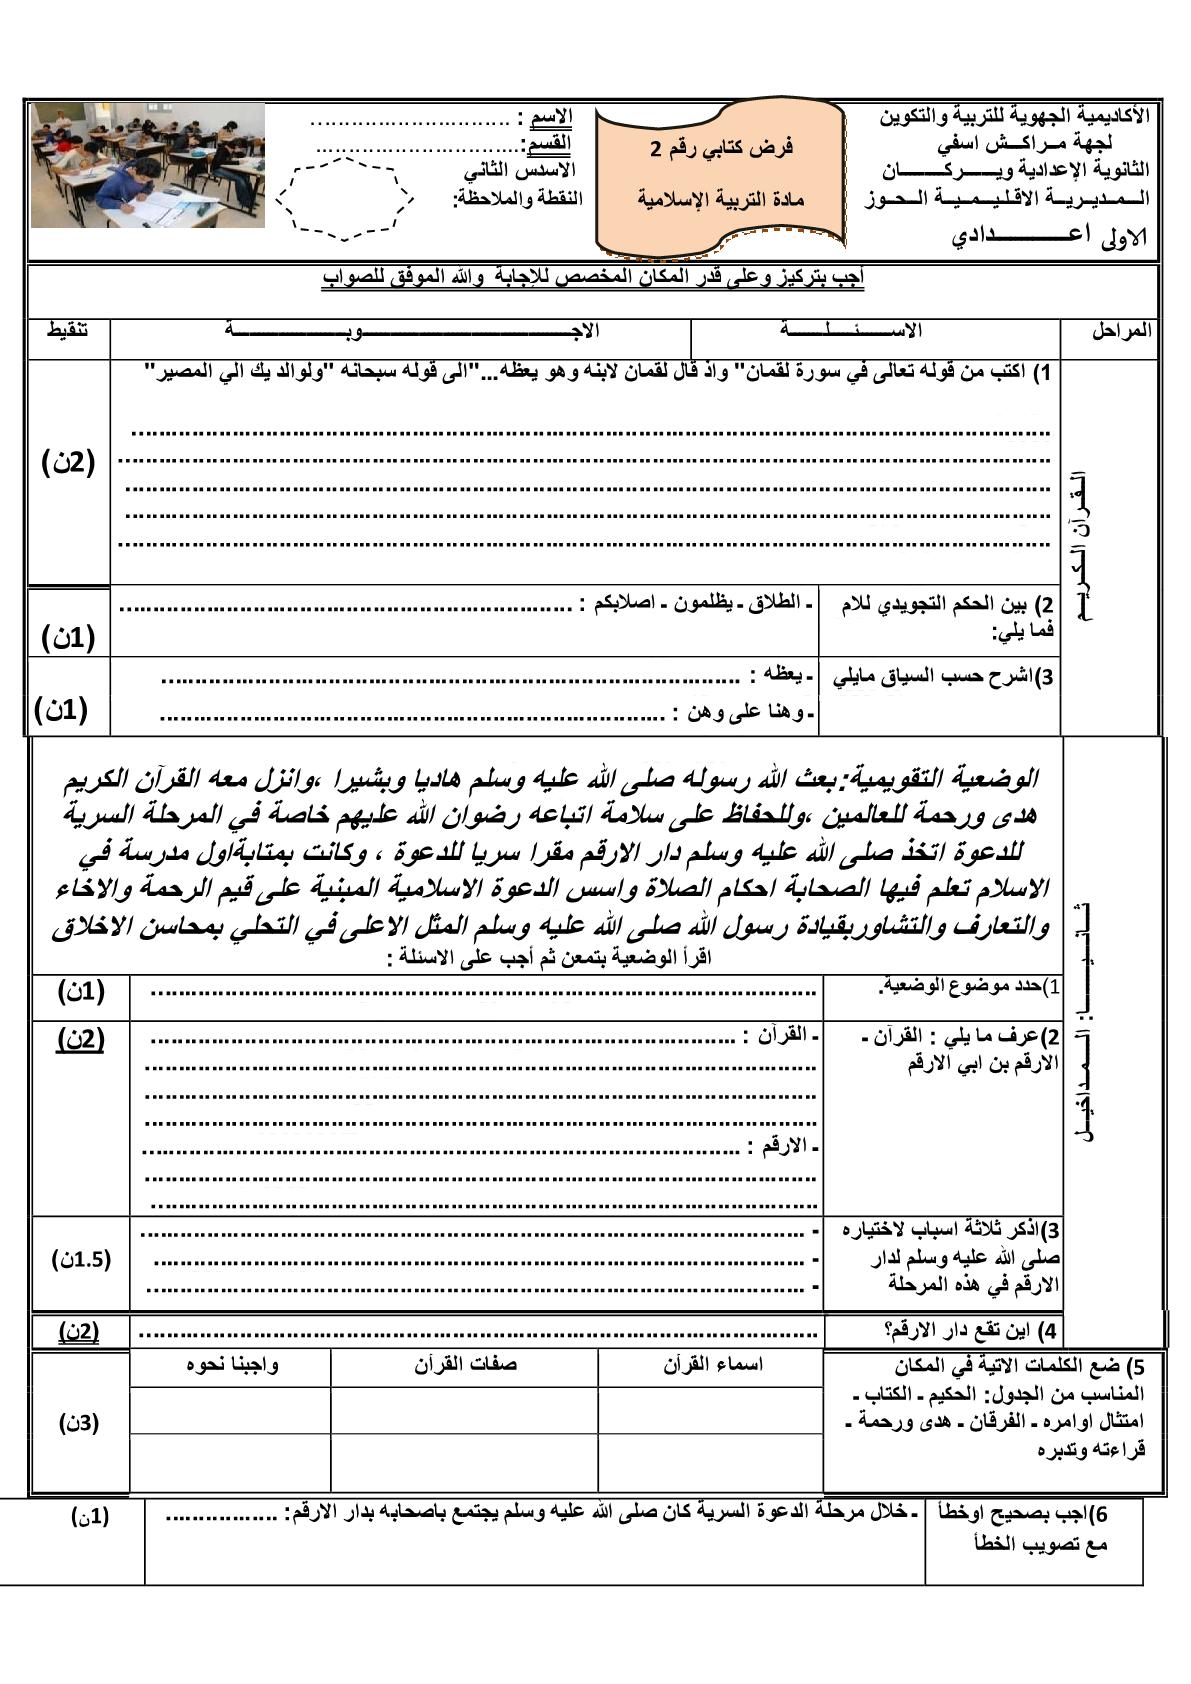 الفرض الثامن في مادة التربية الإسلامية الدورة الثانية للسنة الأولى إعدادي مع التصحيح